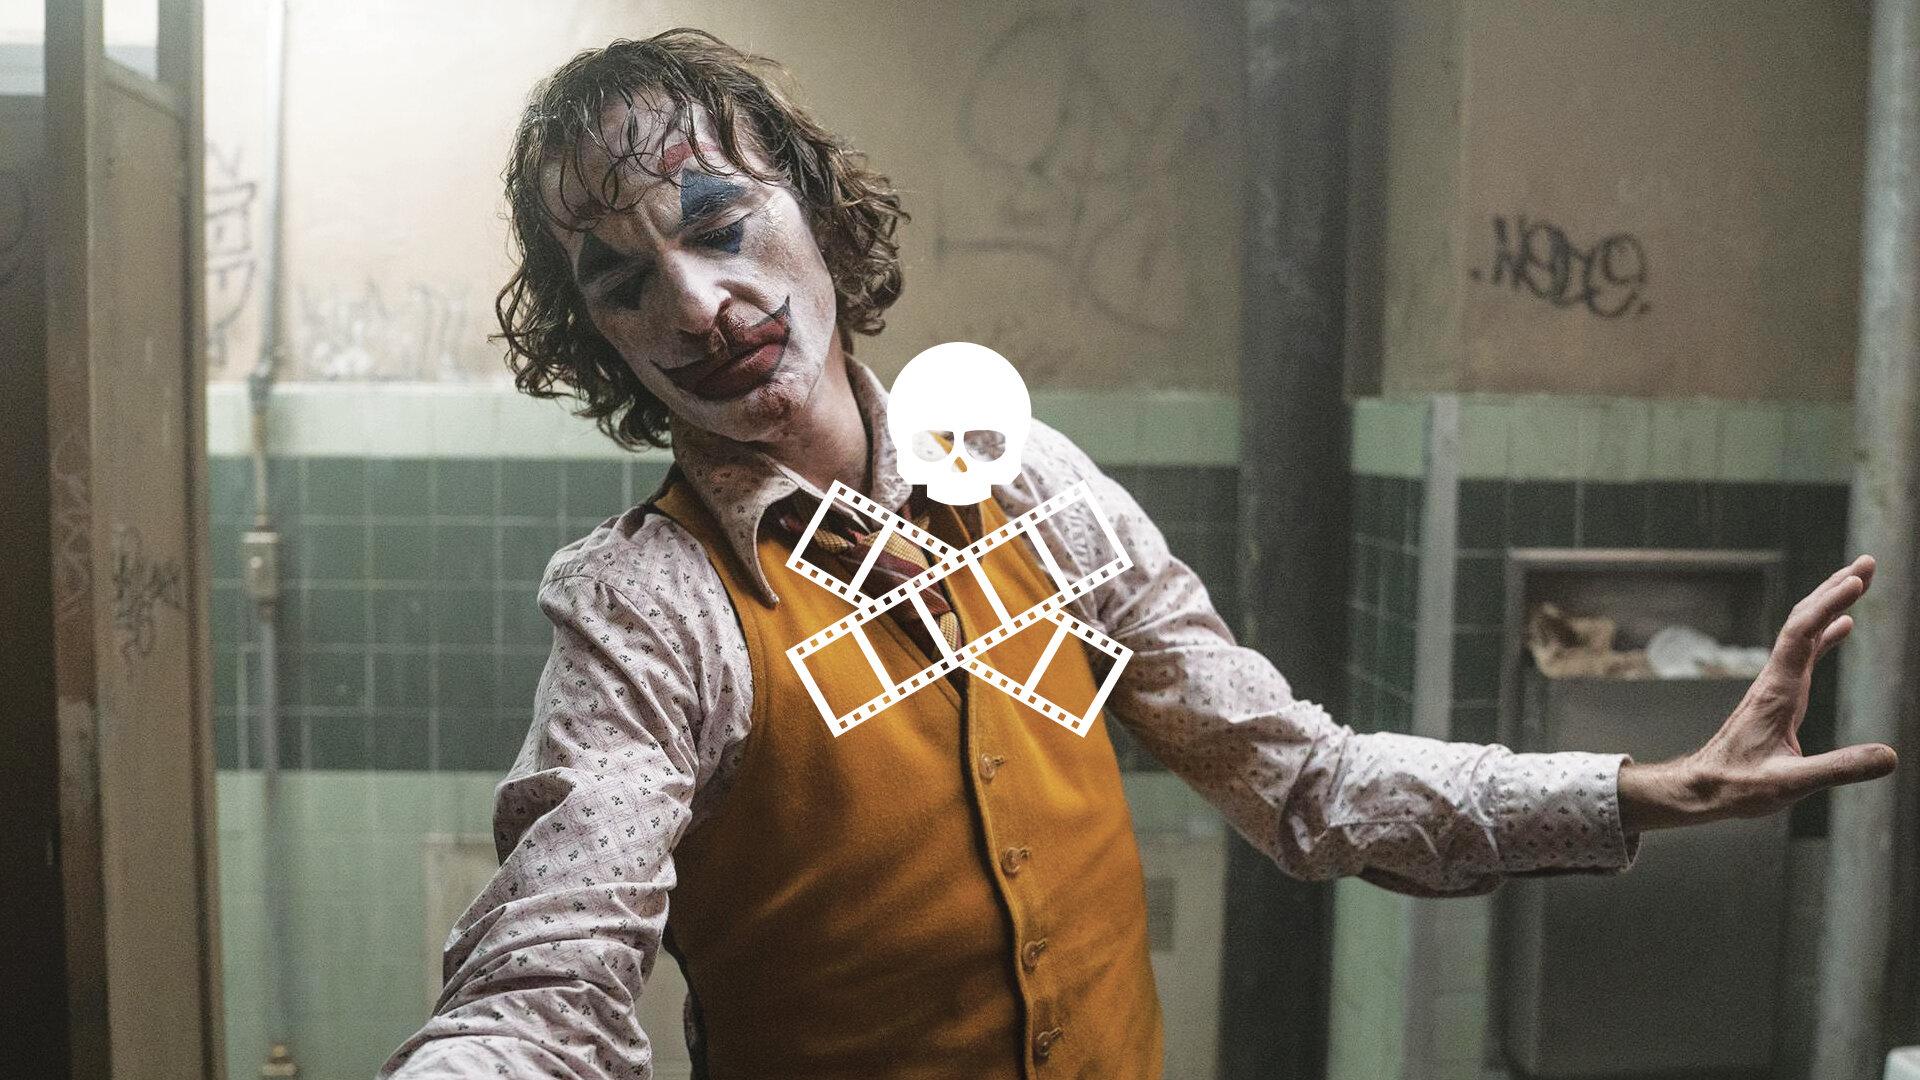 152. Joker